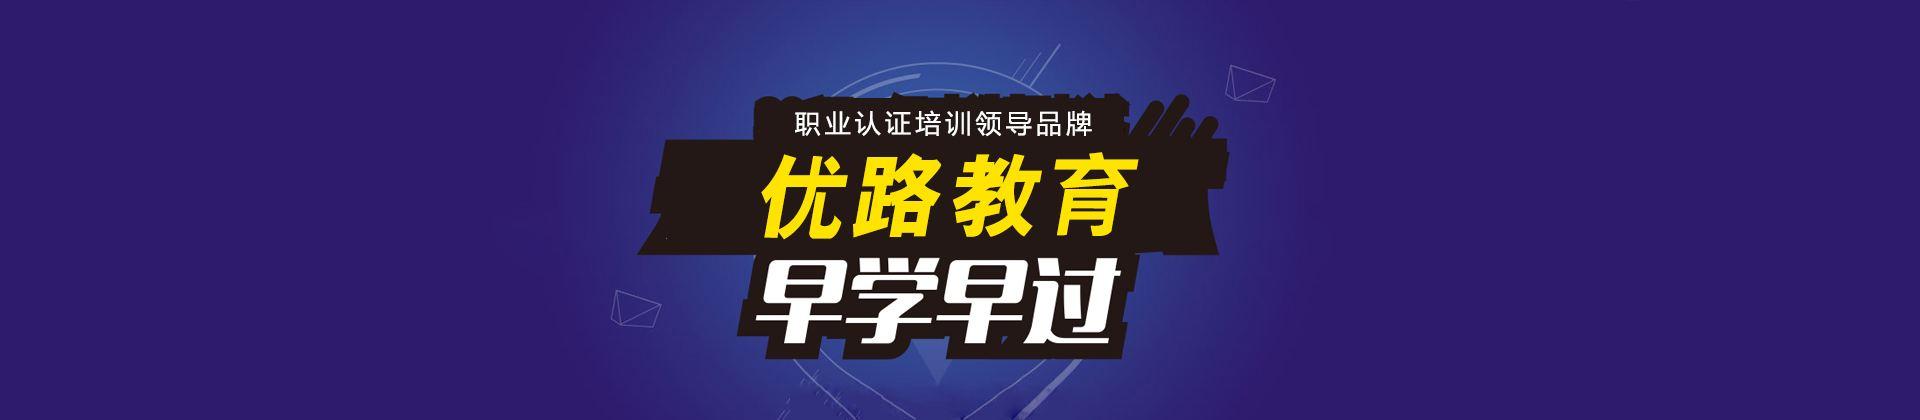 河北唐山优路教育培训学校